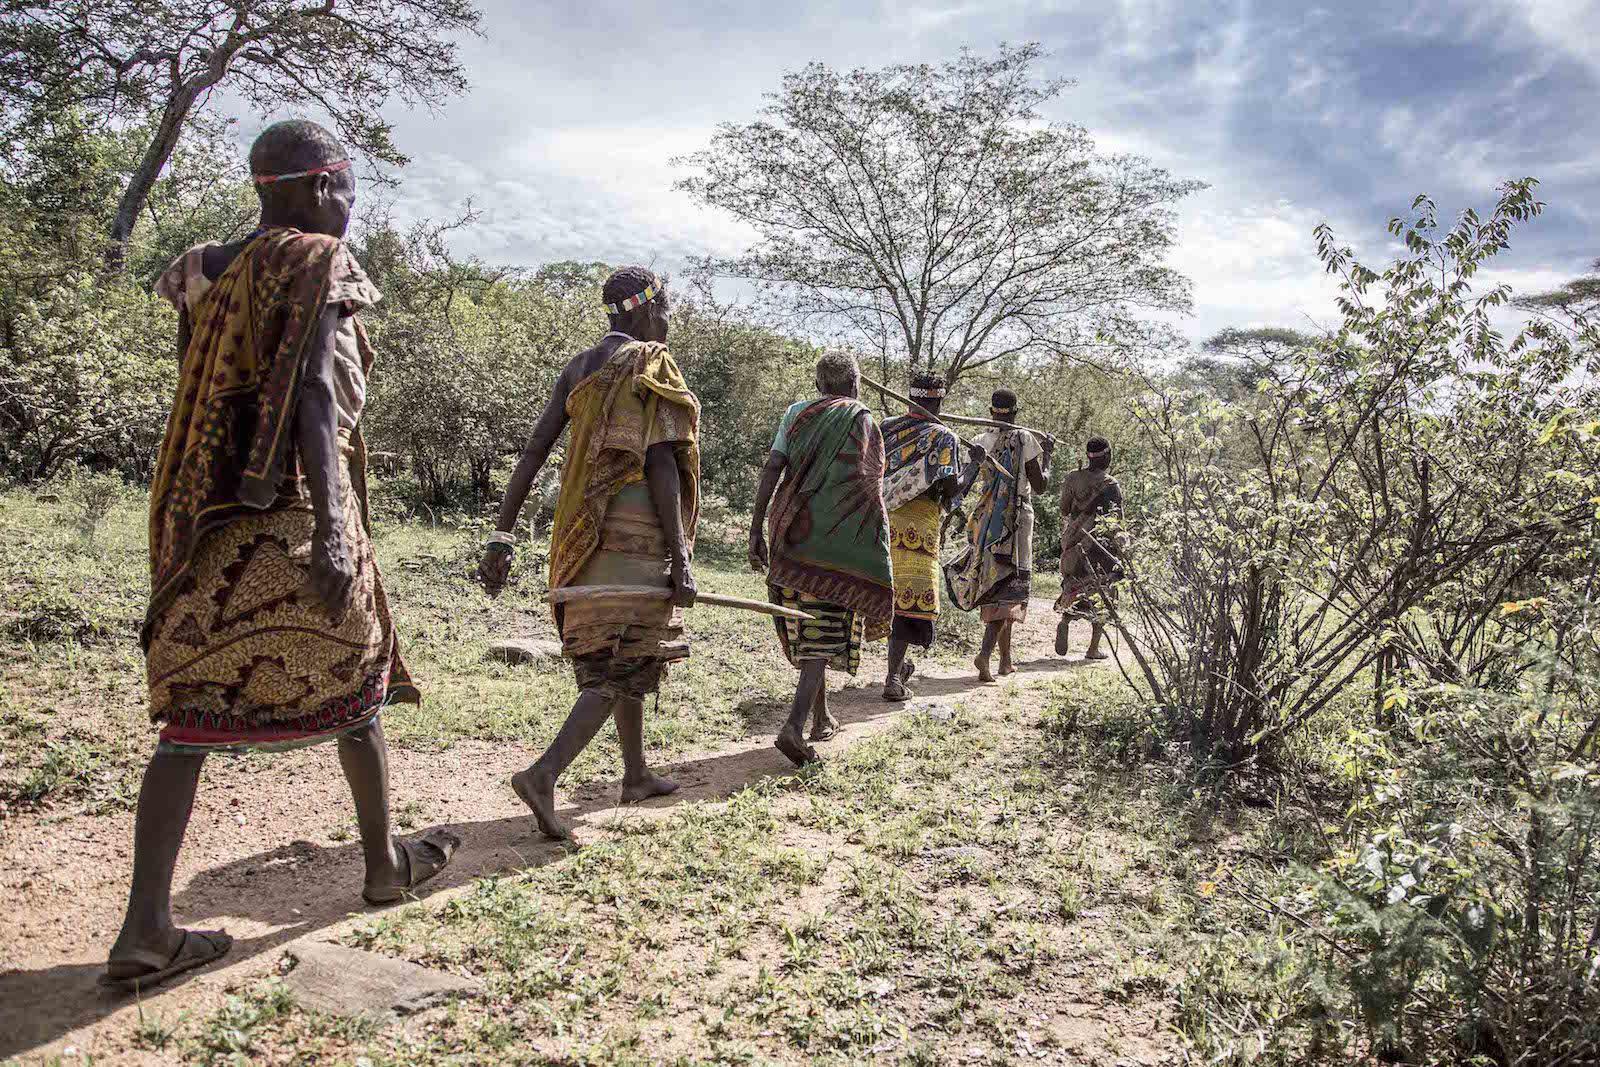 tirage photo en quete eau chez les hadzabe de tanzanie